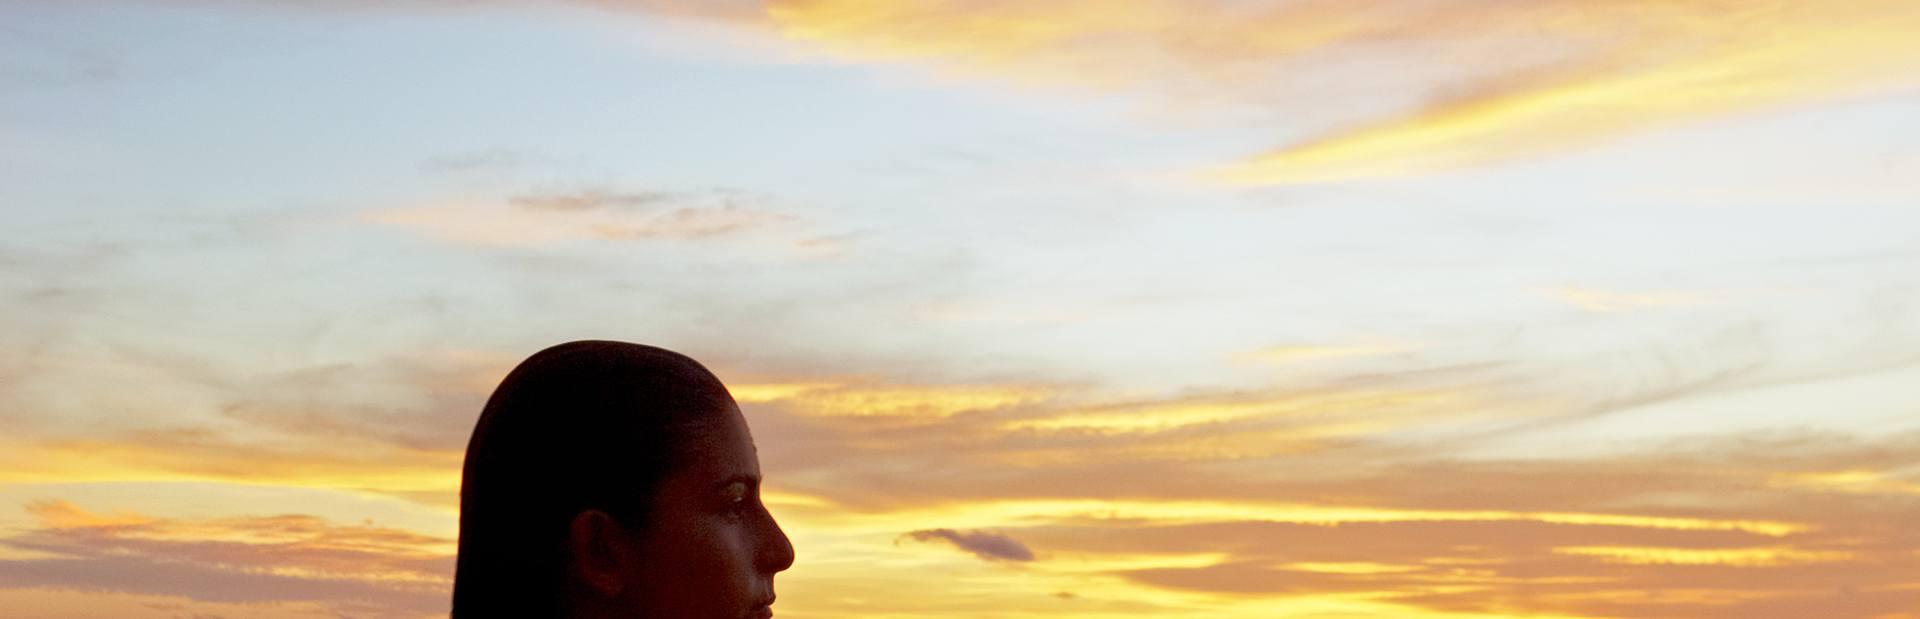 Thanda Island photo tour